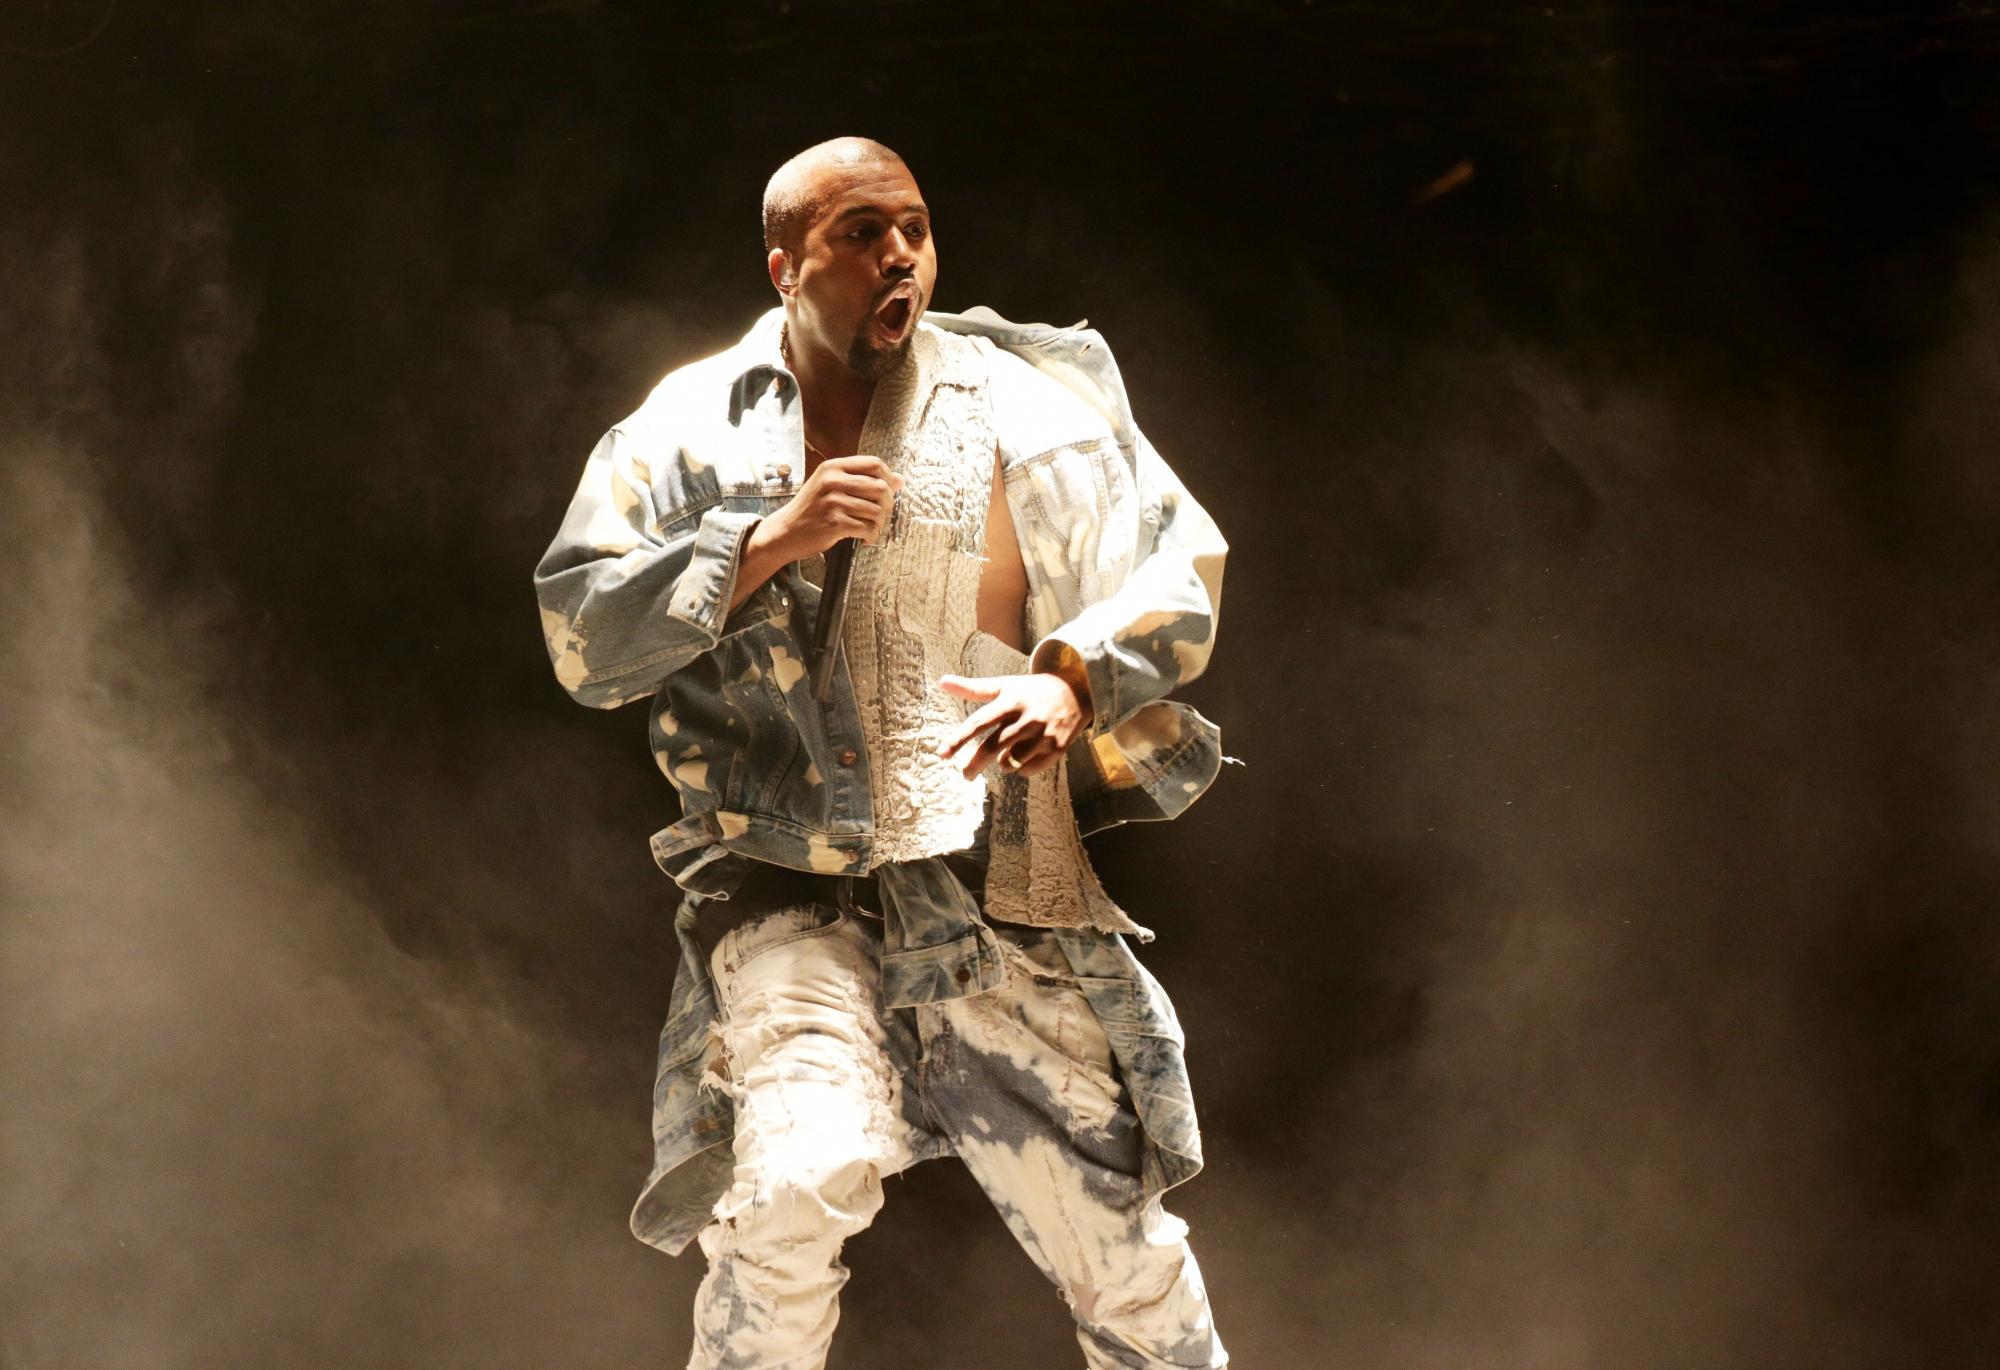 Kanye West n'a pas reçu le feu vert pour sortir de psychiatrie